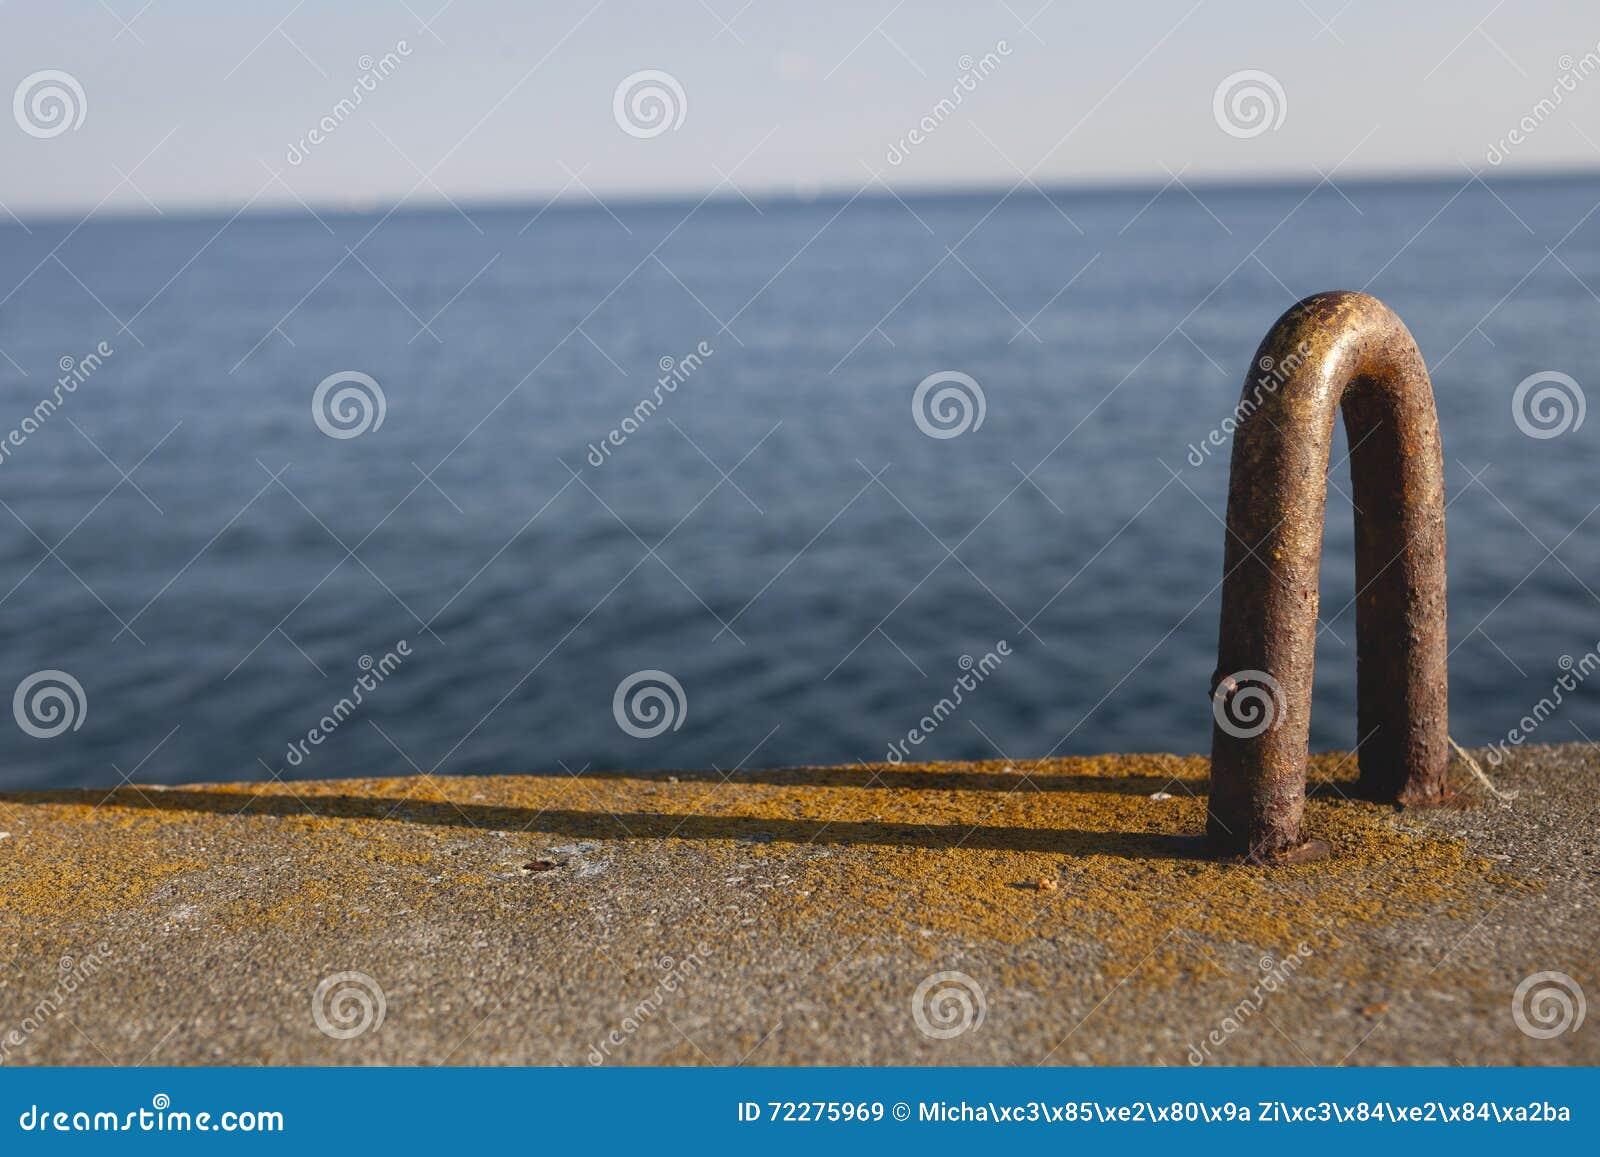 Download Открытка от гавани, моря во время захода солнца Стоковое Изображение - изображение насчитывающей естественно, строя: 72275969